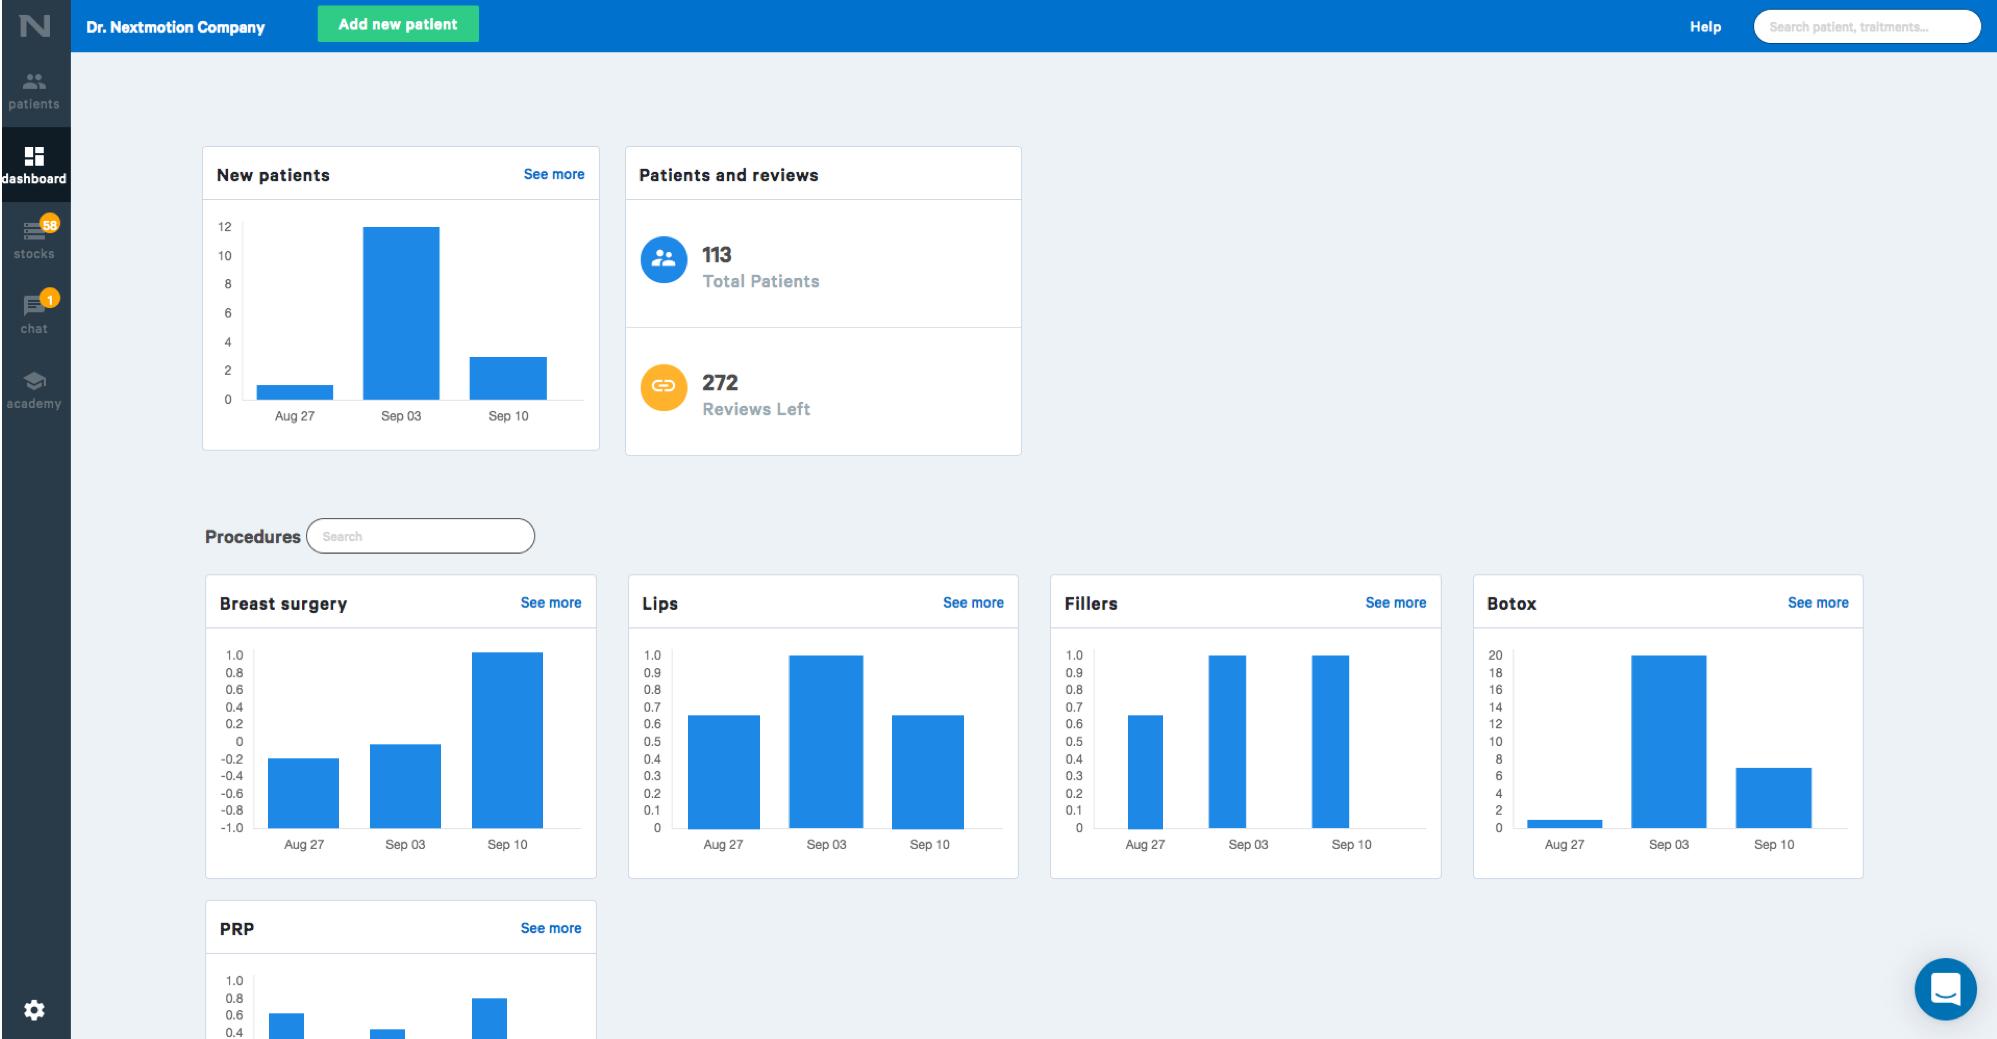 statisticsdashboard-nextmotion2